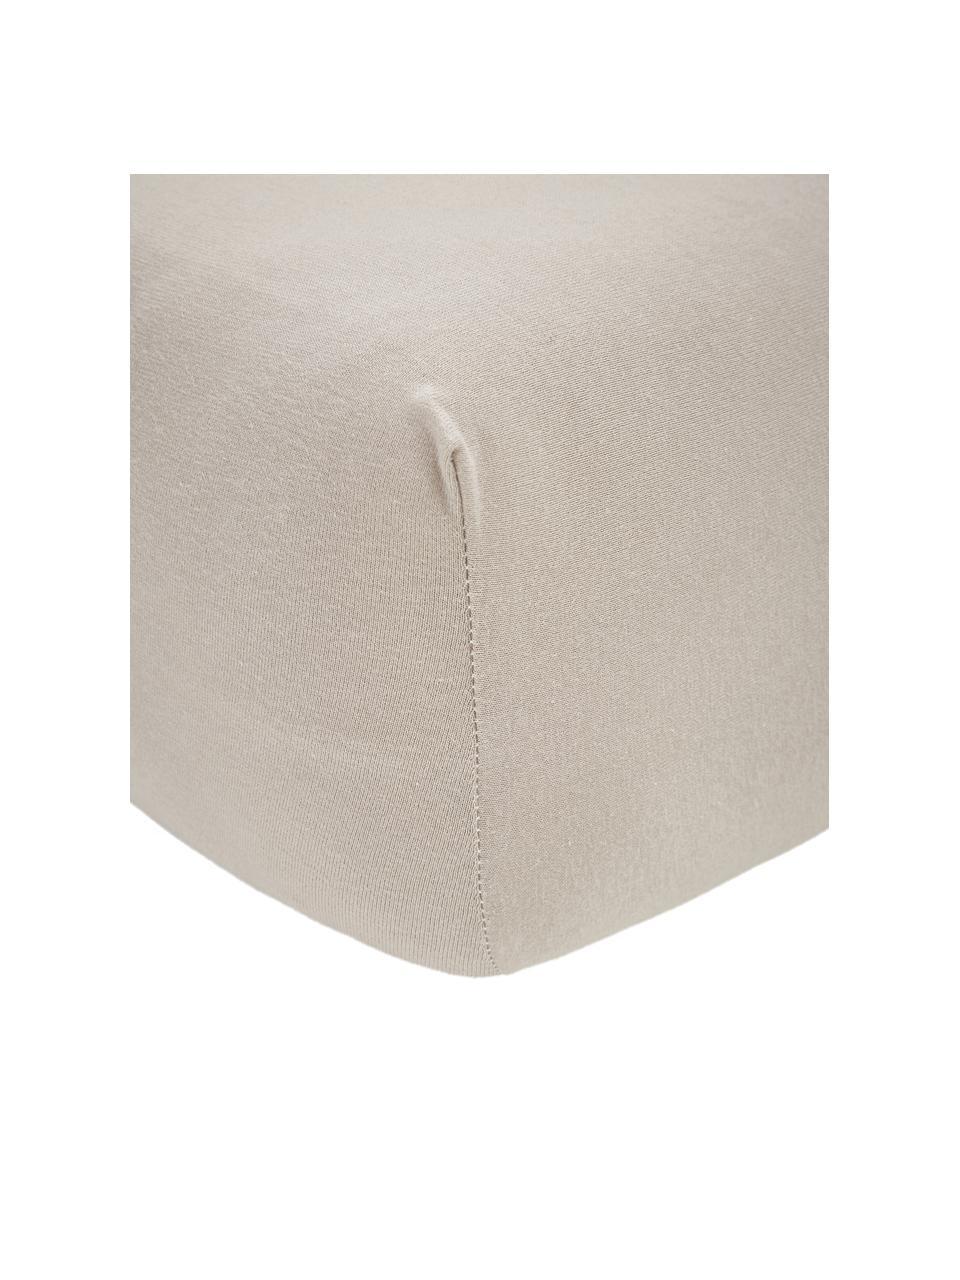 Prześcieradło z gumką na topper z jerseu i elastanem Lara, 95% bawełna, 5% elastan, Taupe, S 180 x D 200 cm